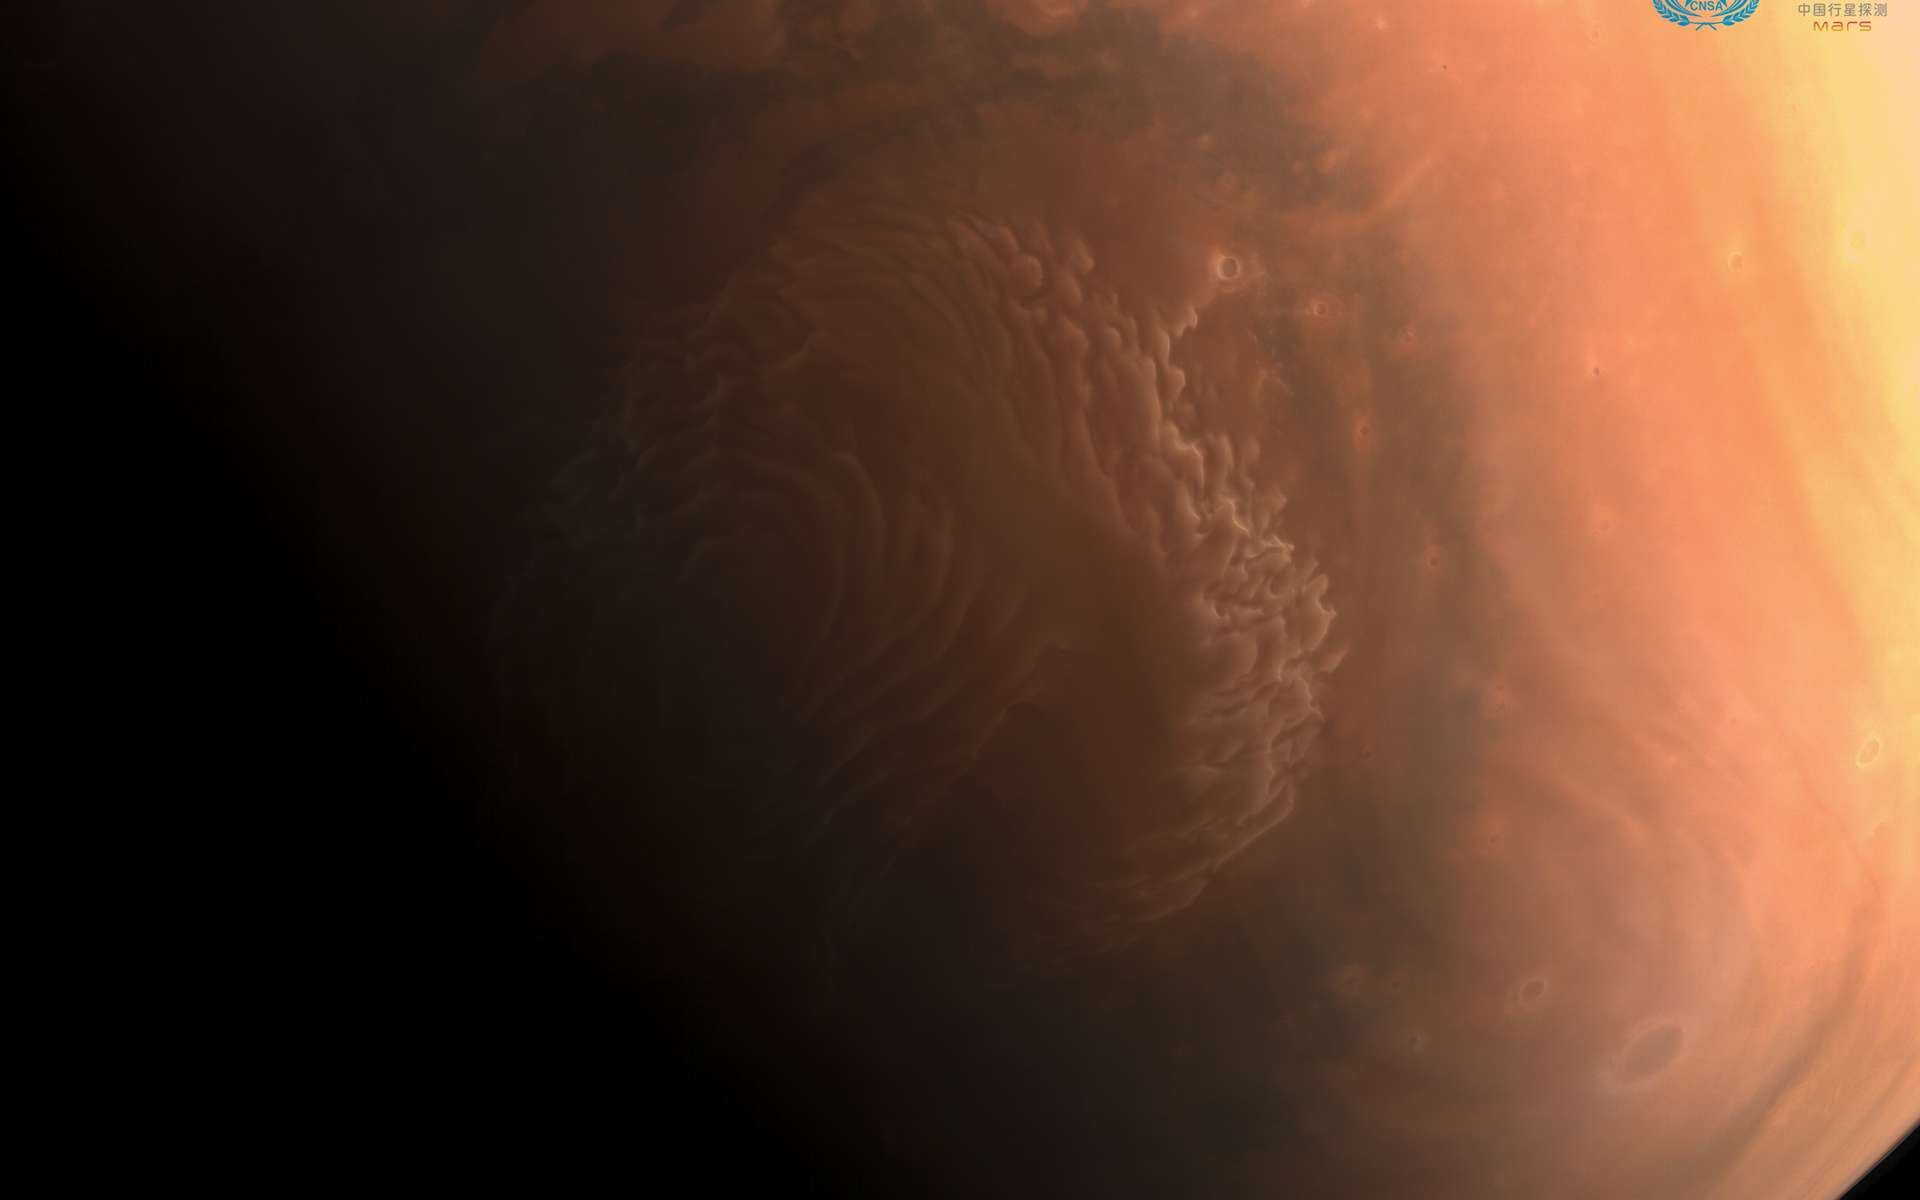 Cette image en couleur du pôle nord martien a été acquise par la sonde Tainwen-1, quelques jours après son arrivée autour de Mars. Contrairement aux deux images en noir et blanc offrant une bonne résolution, cette image a été acquise par une caméra à moyenne résolution. © CNSA